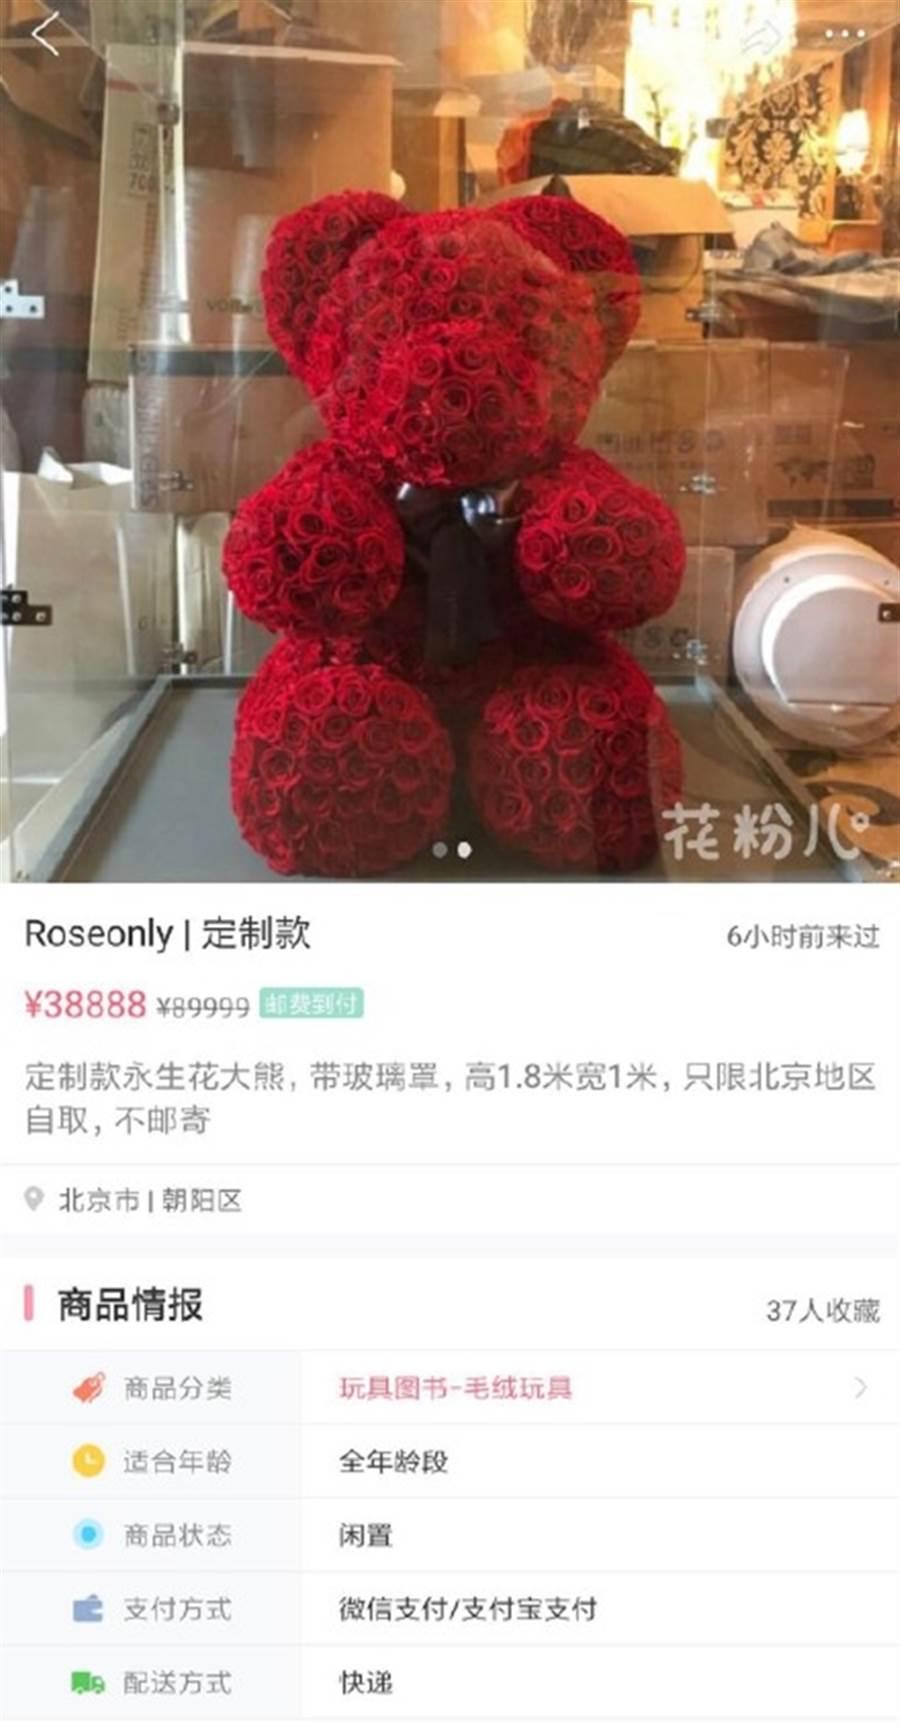 范冰冰拍賣李晨所送禮物。(圖/翻攝自娛扒爺微博)